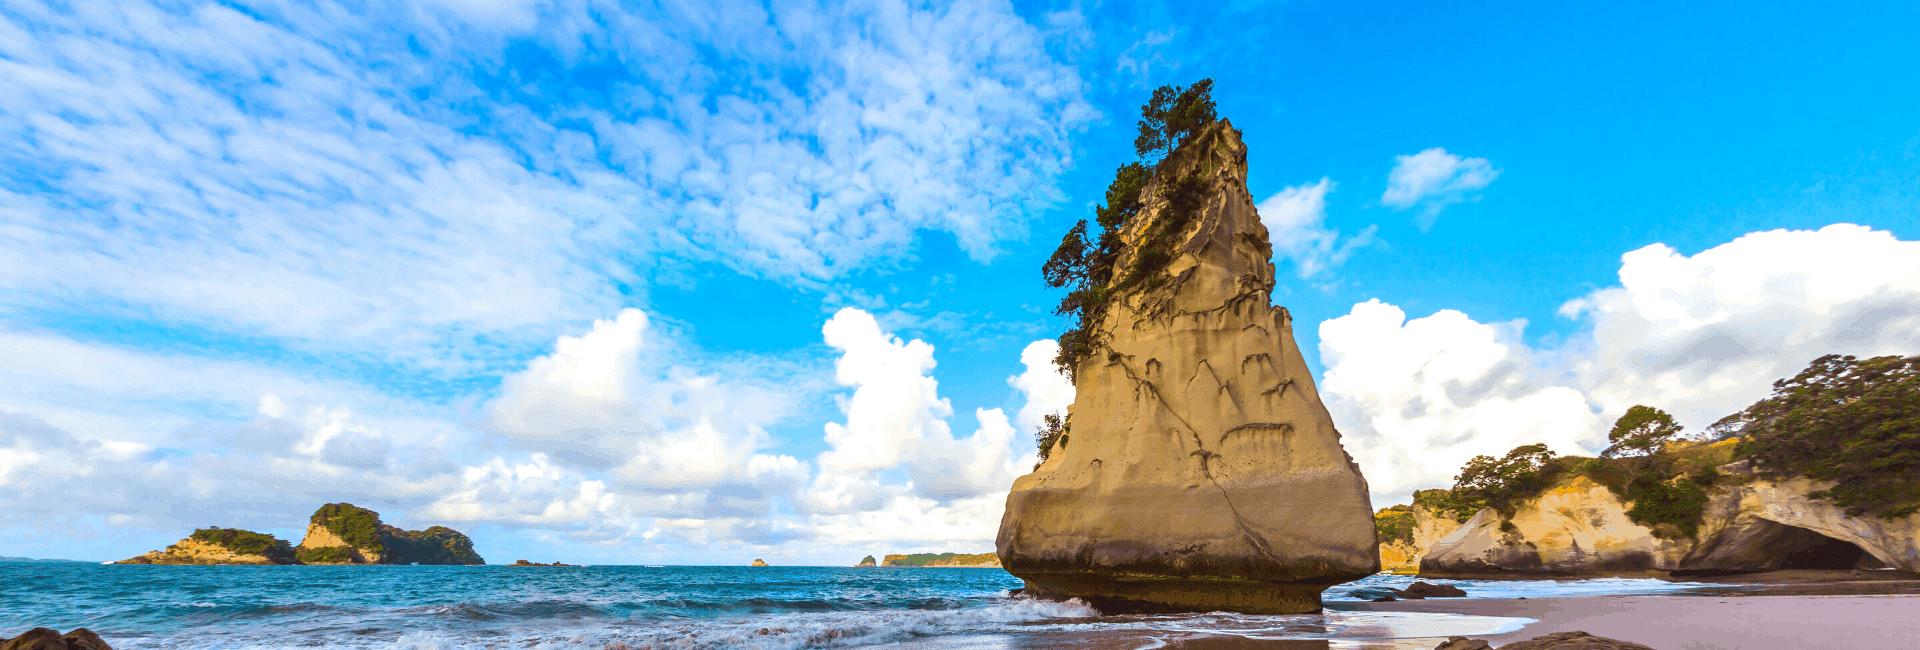 Vi har udvalgt de bedste oplevelser til dig på Nordøen i New Zealand - Risskov Rejser